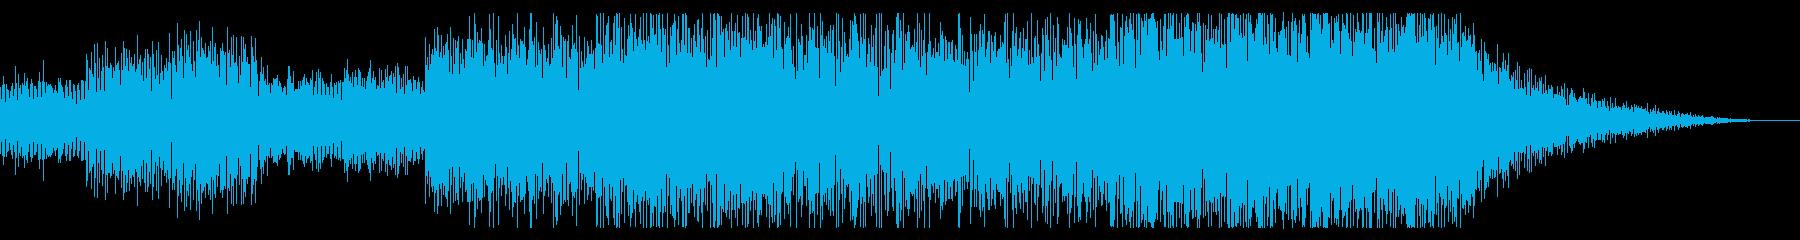 ほのぼのした楽しげなテクノの再生済みの波形